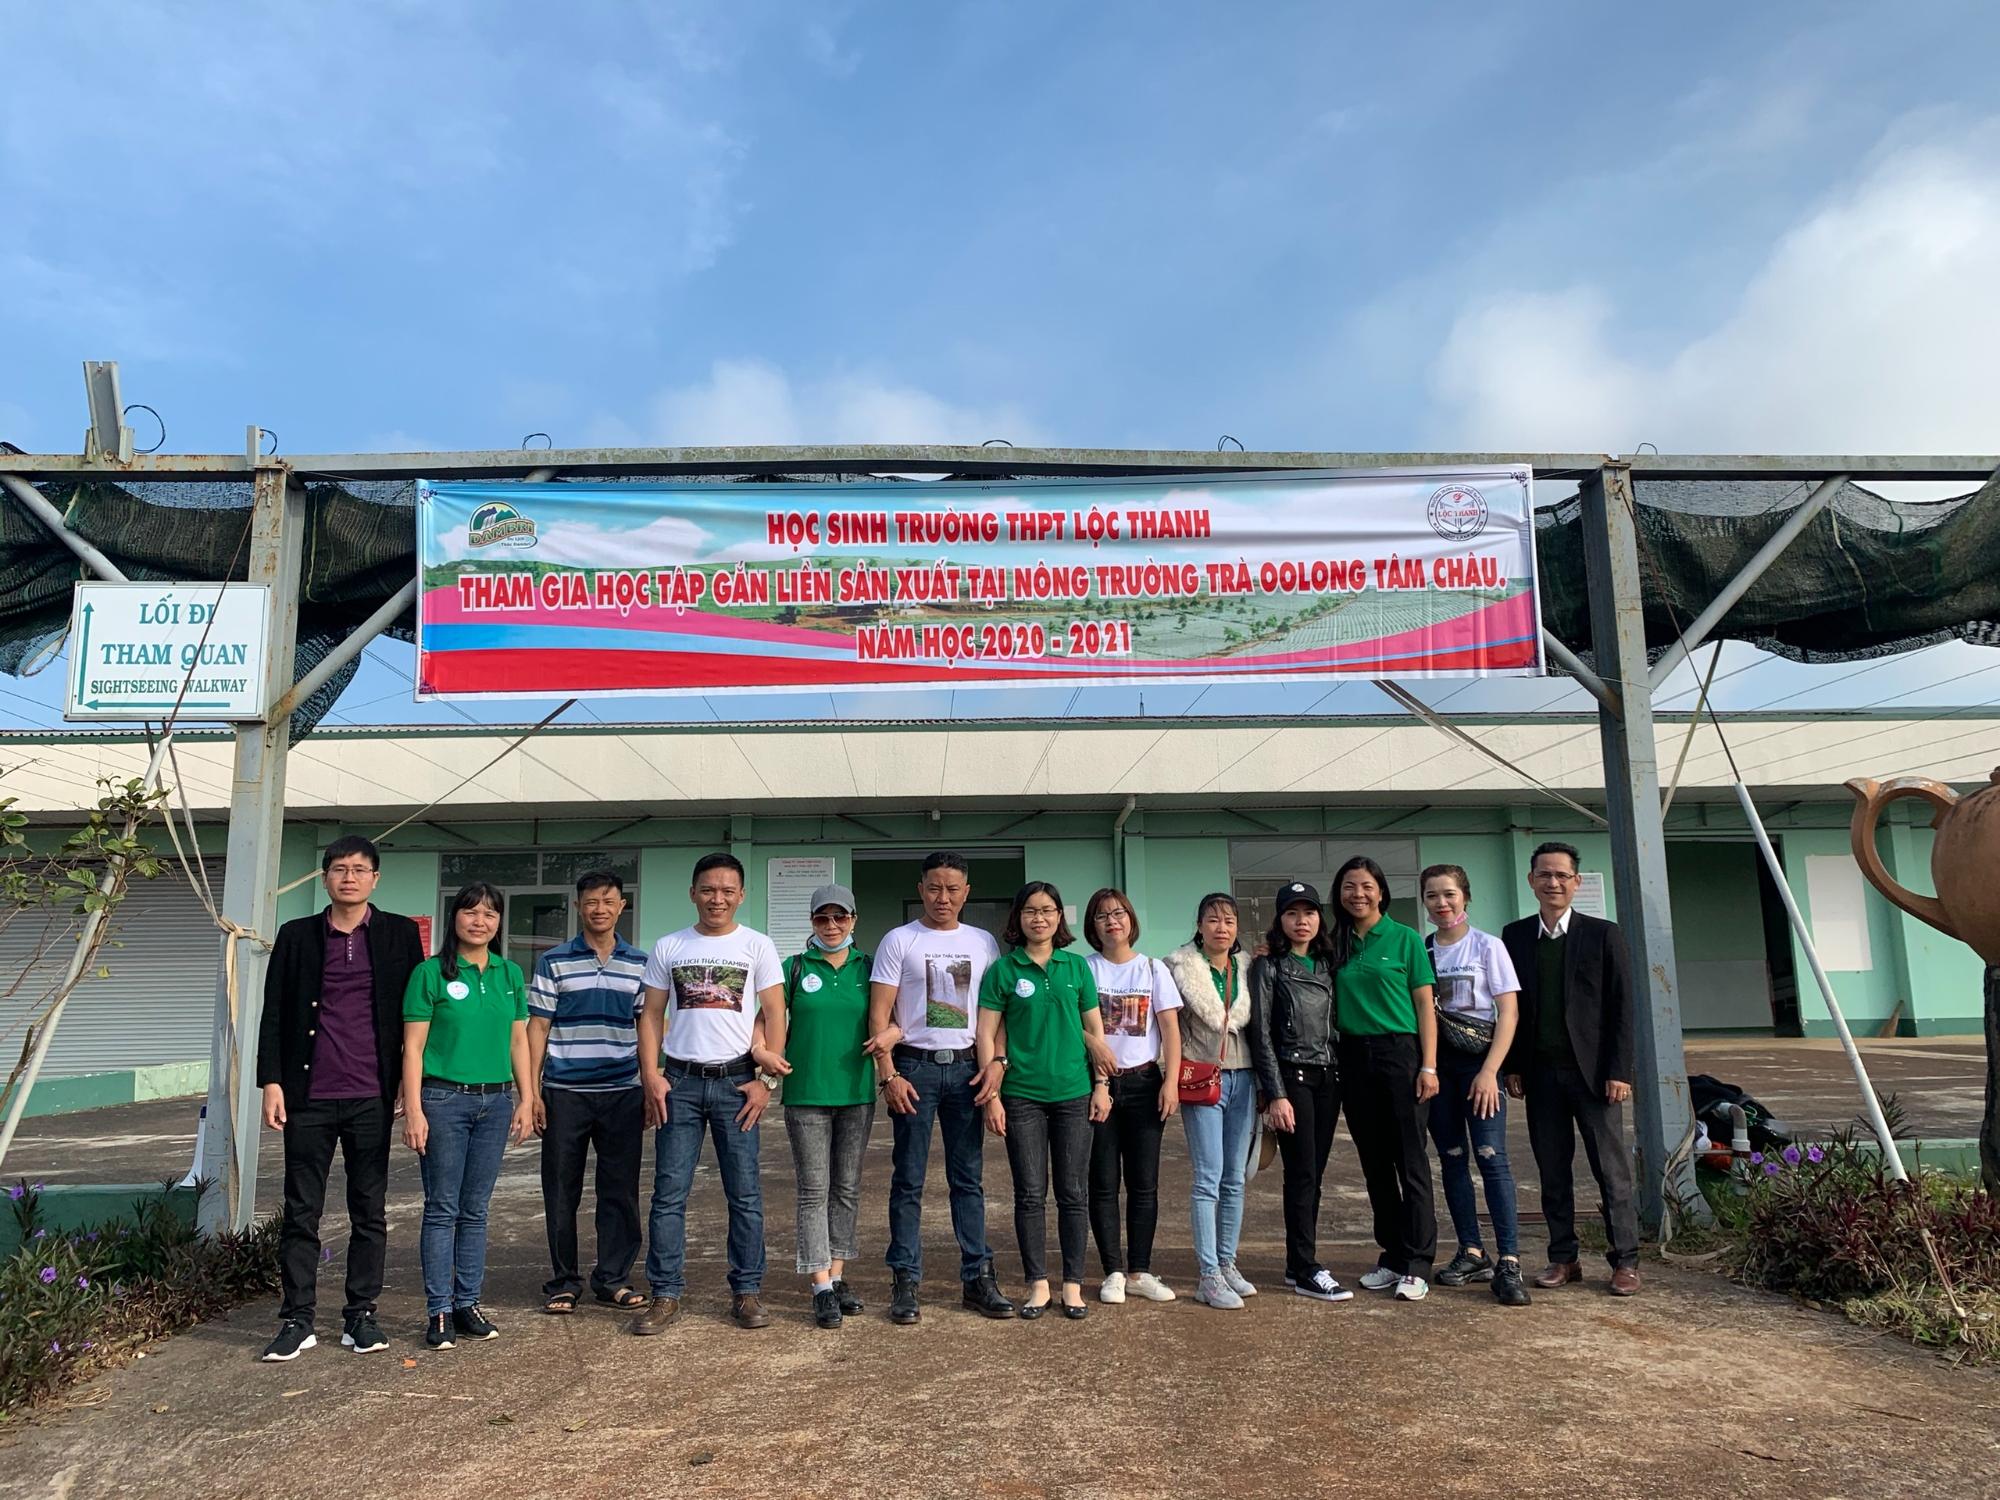 Ban Giám Hiệu Trường THPT Lộc Thanh Và Hướng Dẫn Viên Khu Du Lịch Thác Đamb'ri